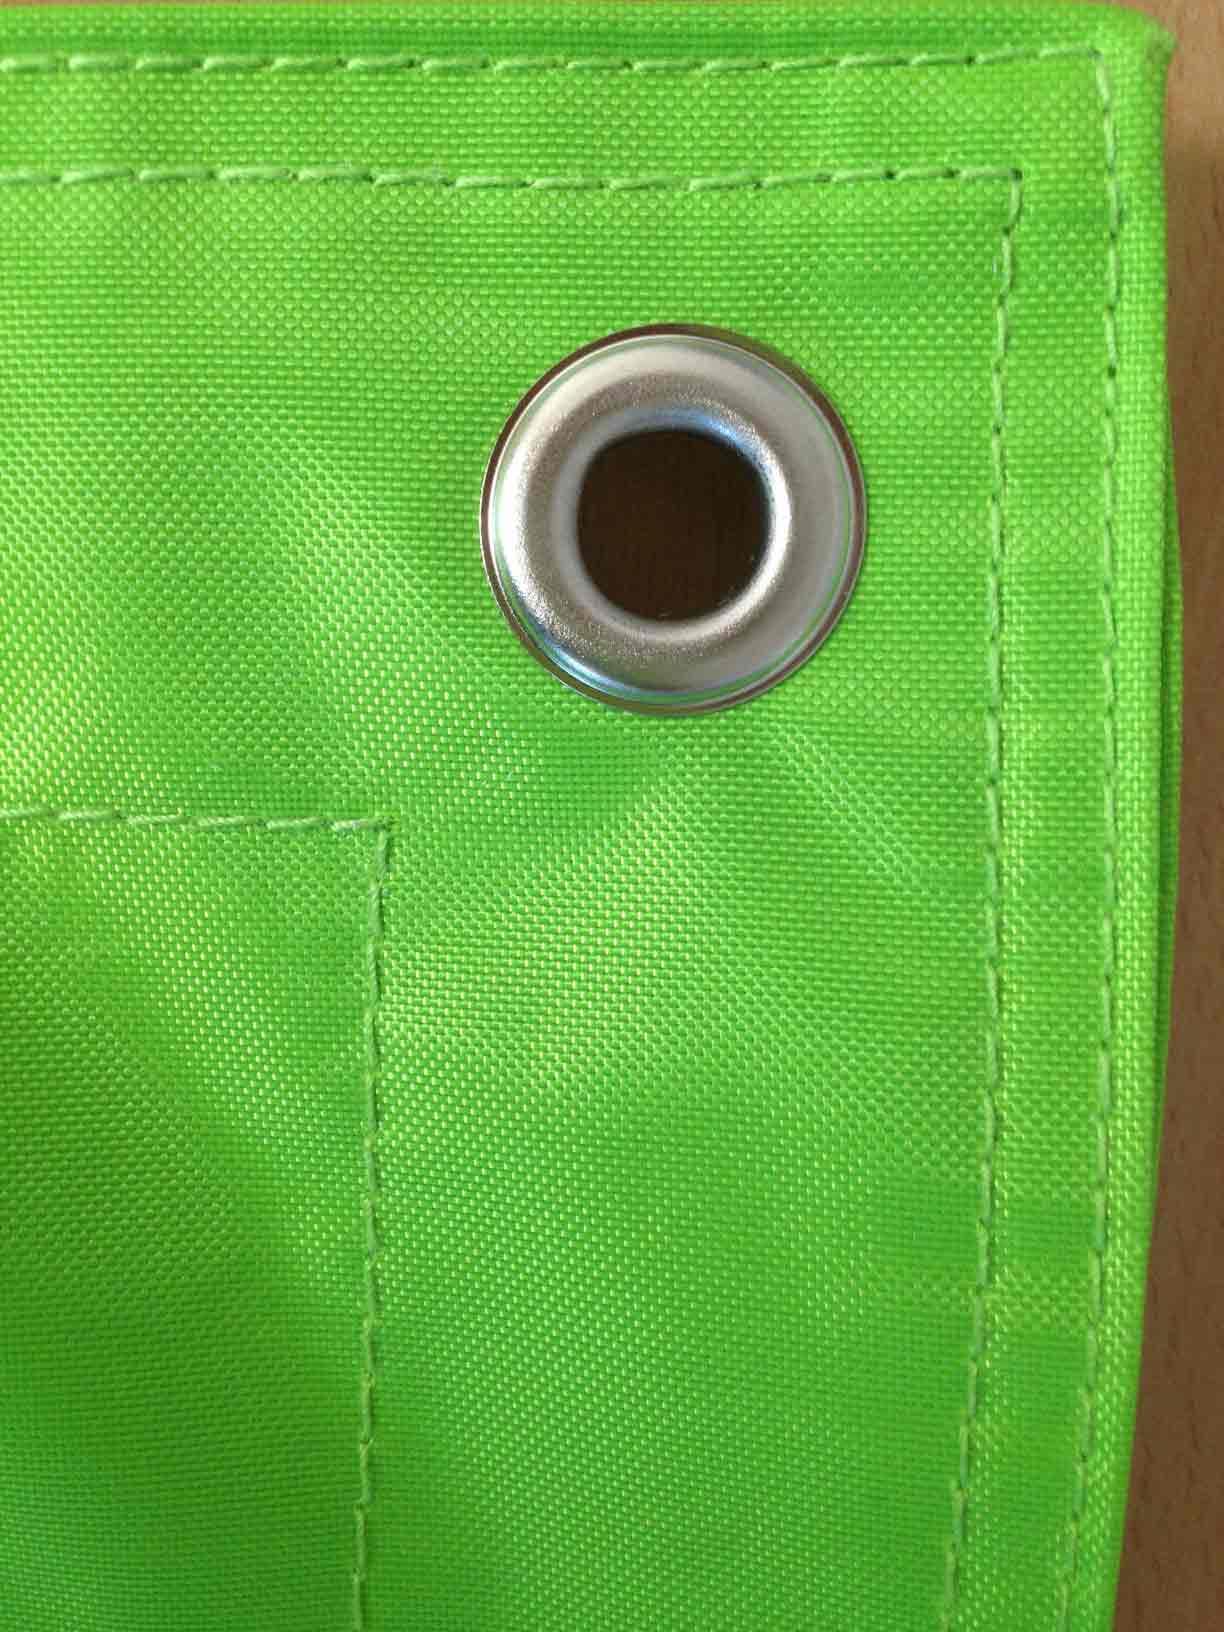 Grüner-Sitzsack-mit-Öse